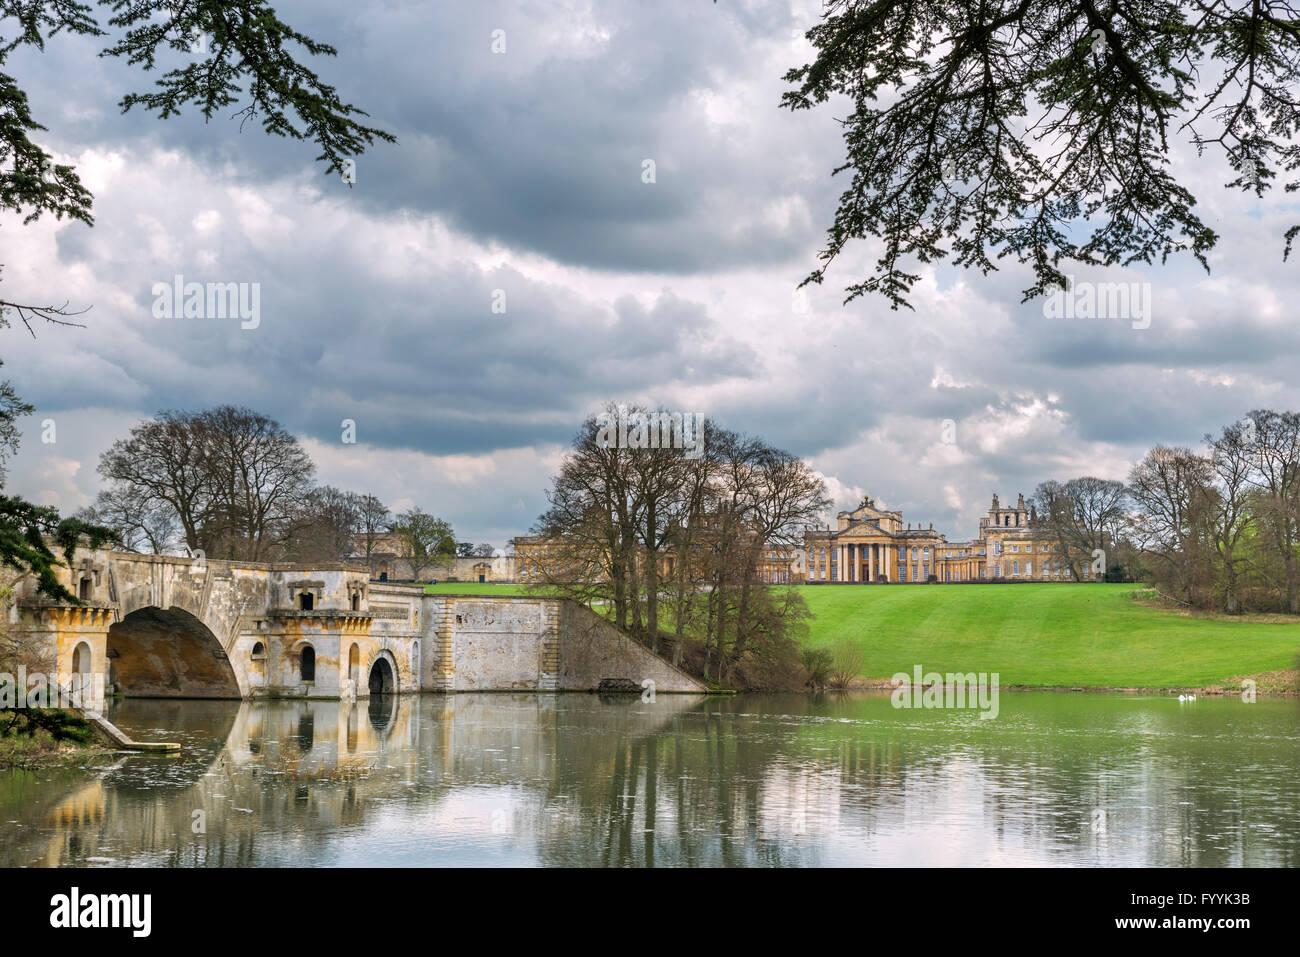 Vanbrugh del Gran Puente mirando hacia el Palacio de Blenheim, Woodstock, Oxfordshire, REINO UNIDO Imagen De Stock